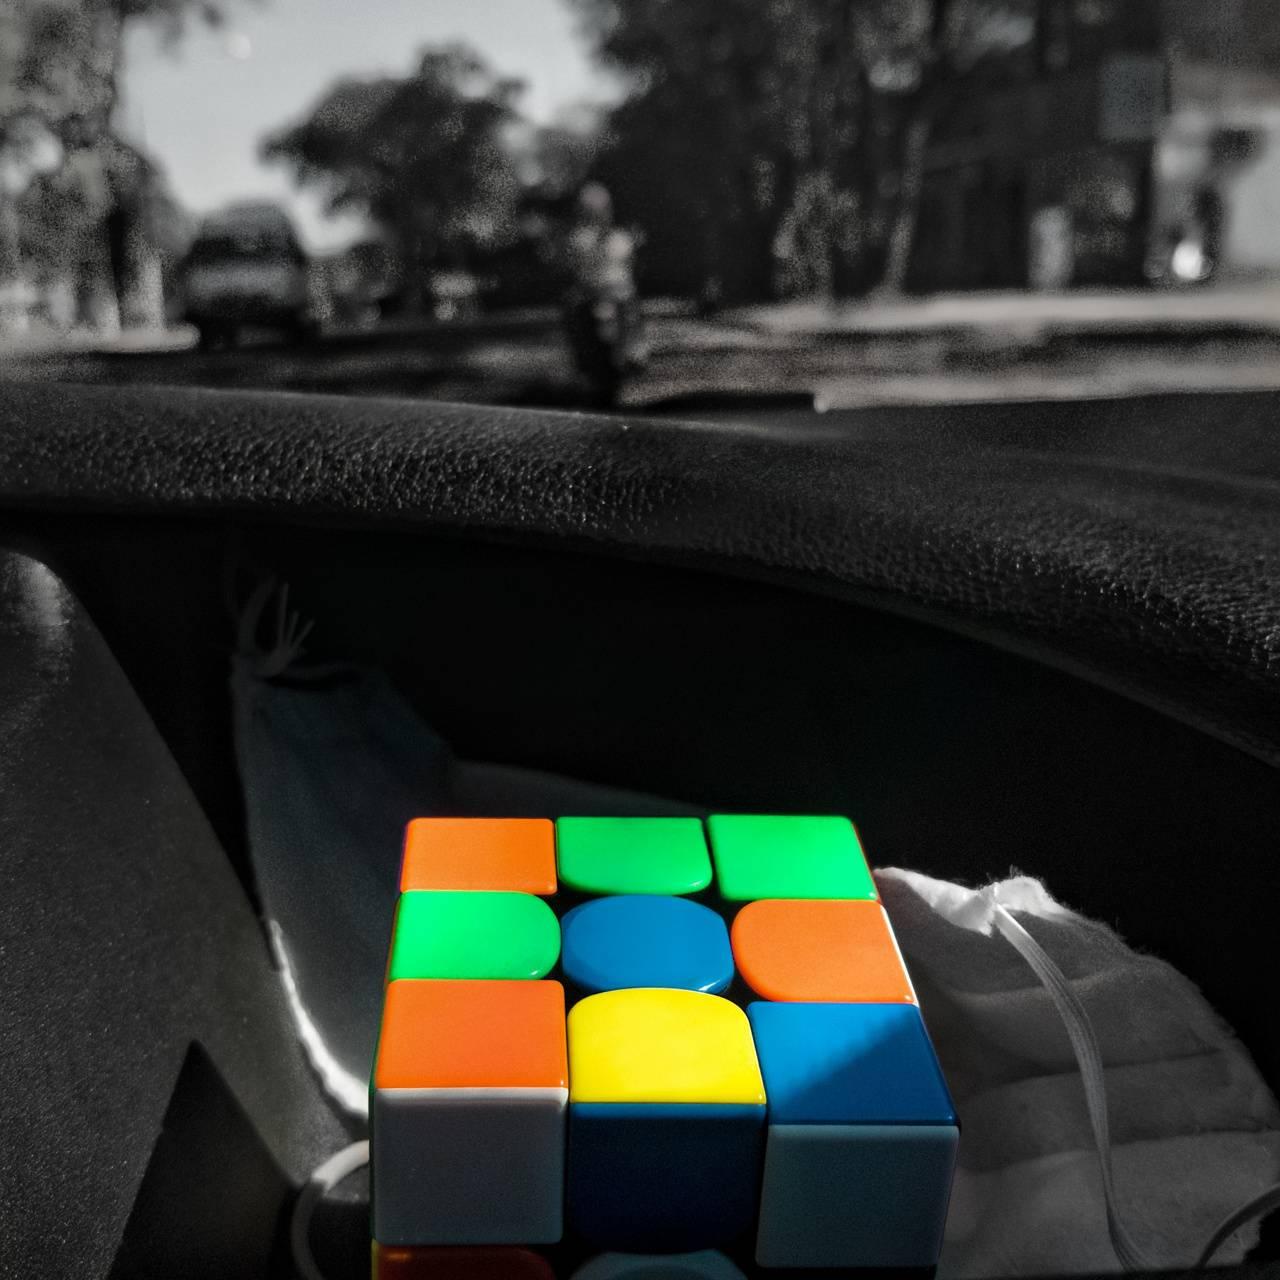 Cubo Rubik on Car